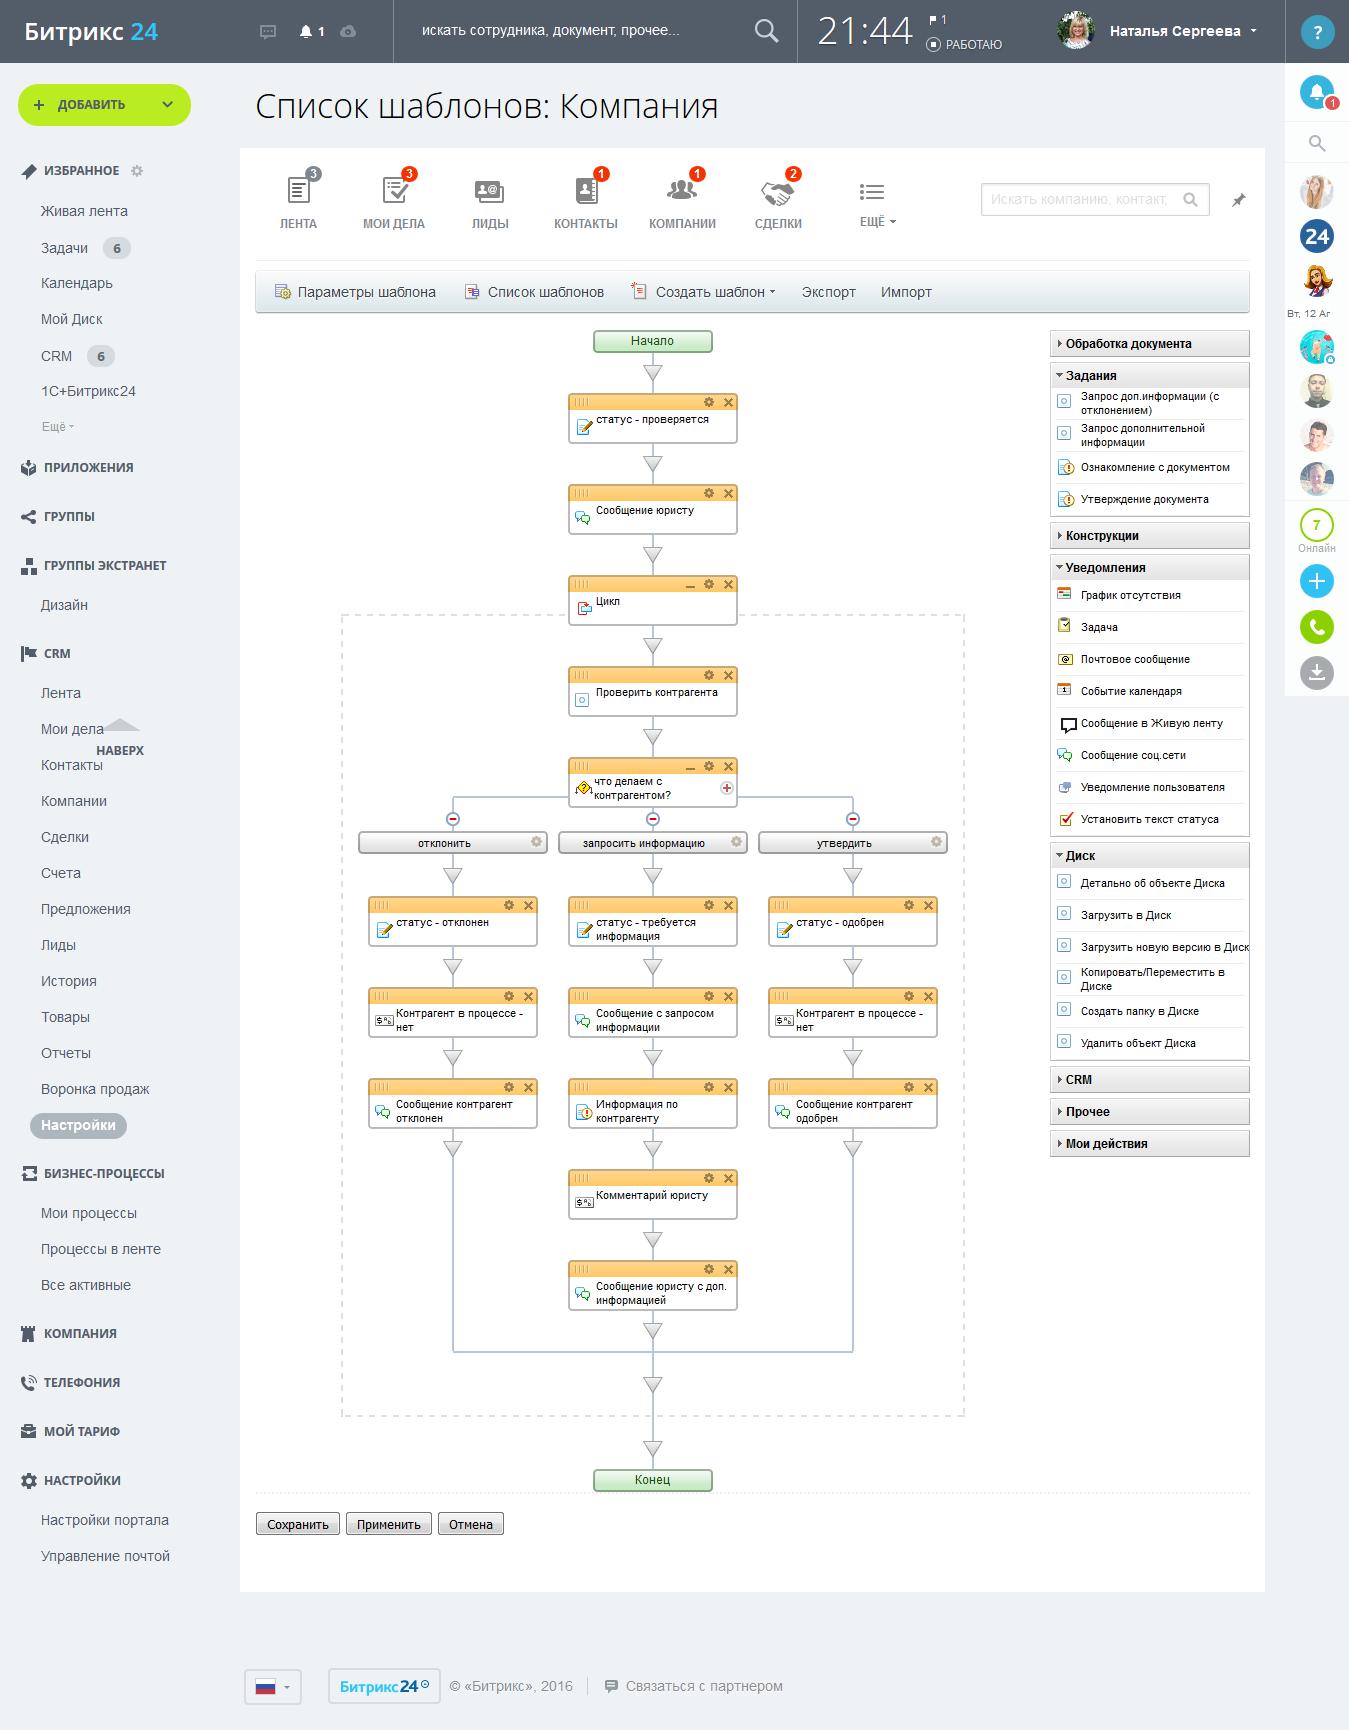 Битрикс24 - бизнес-процессы в CRM